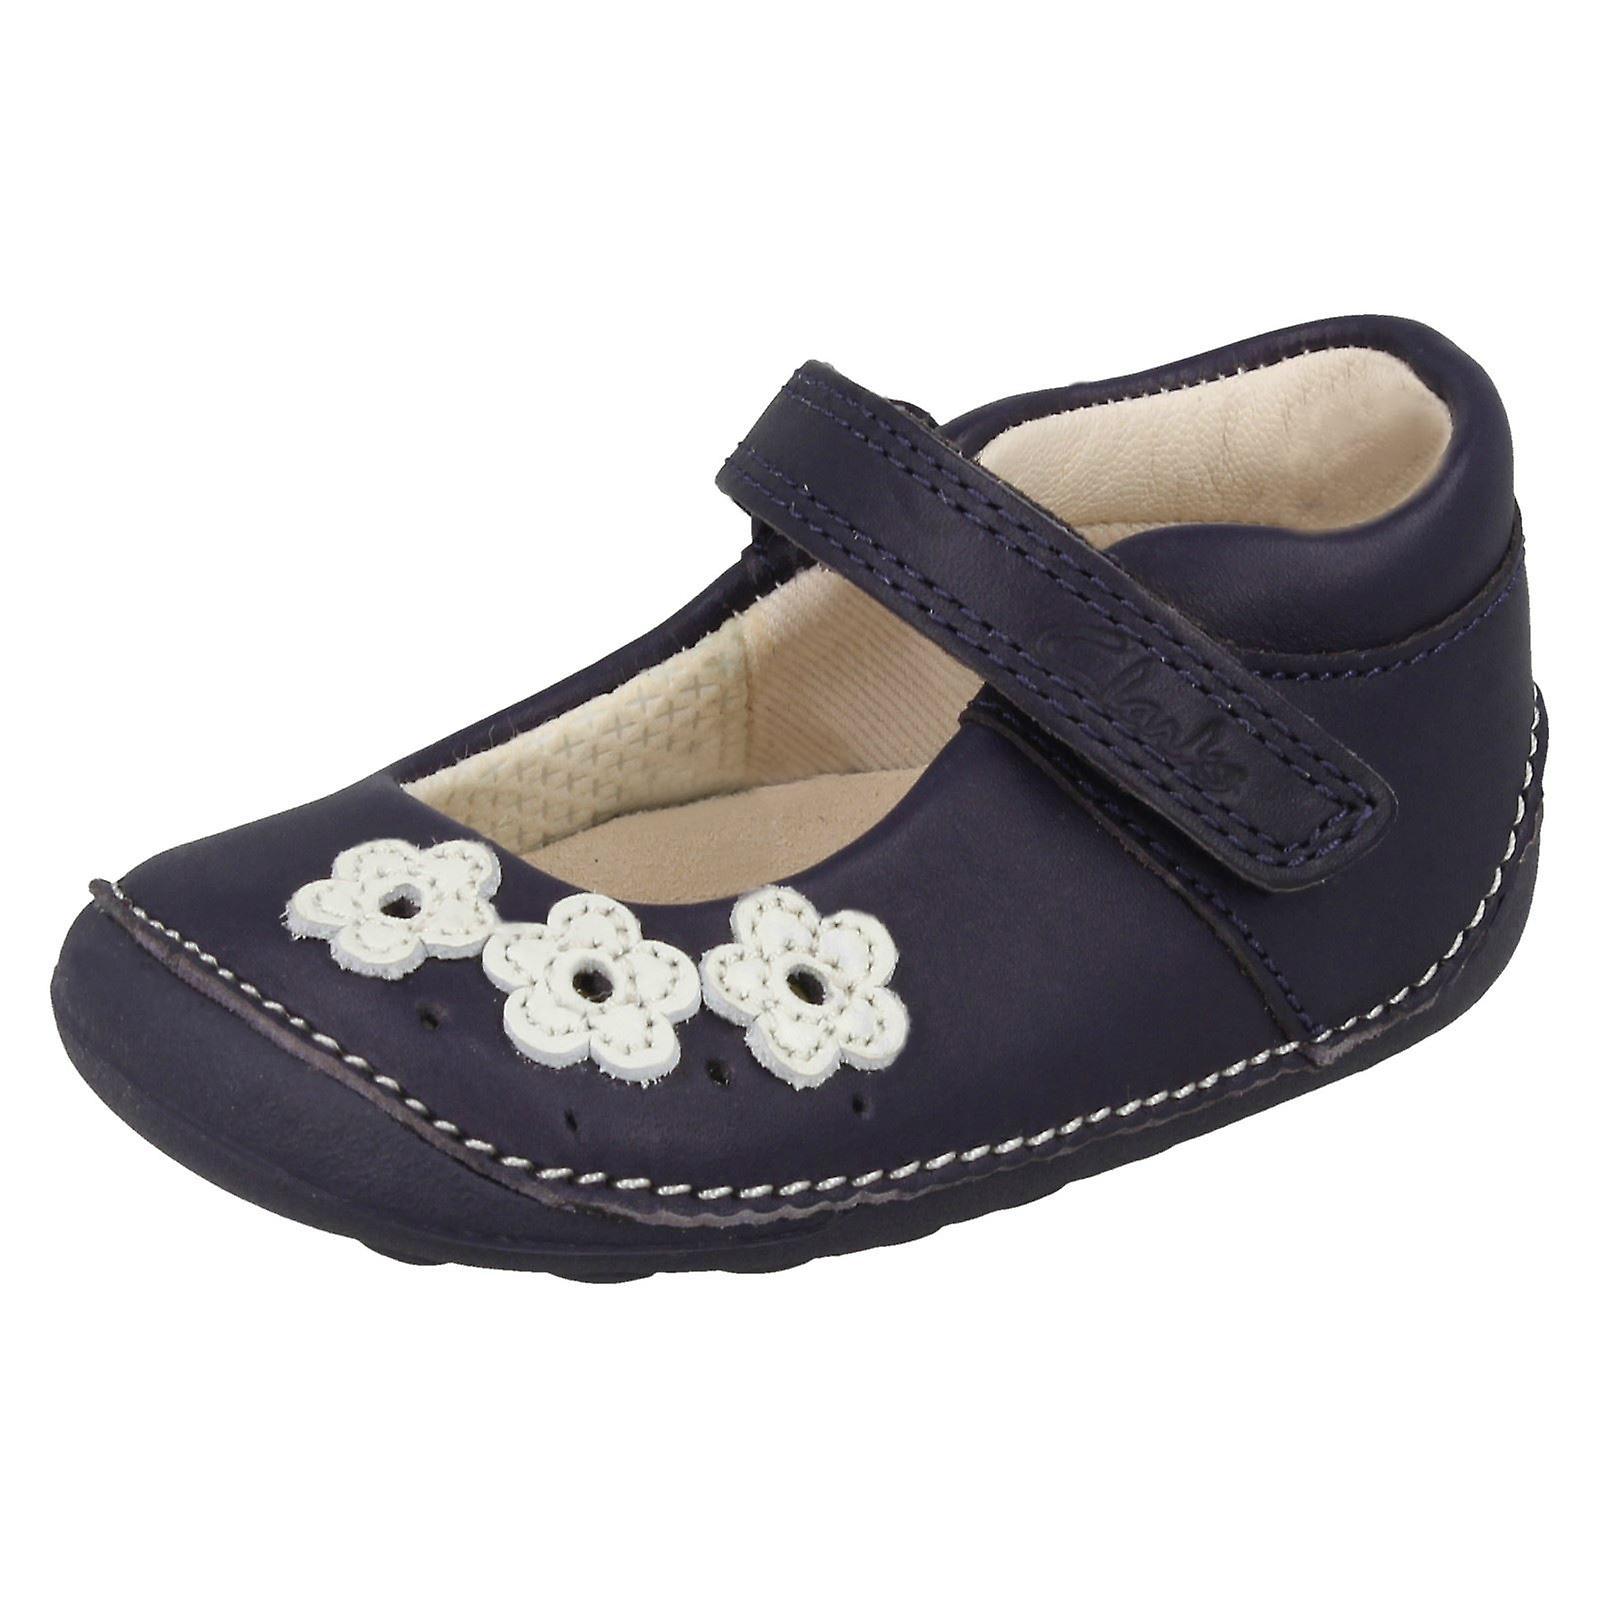 Mädchen Clarks ersten Schuhe kleine Darcy